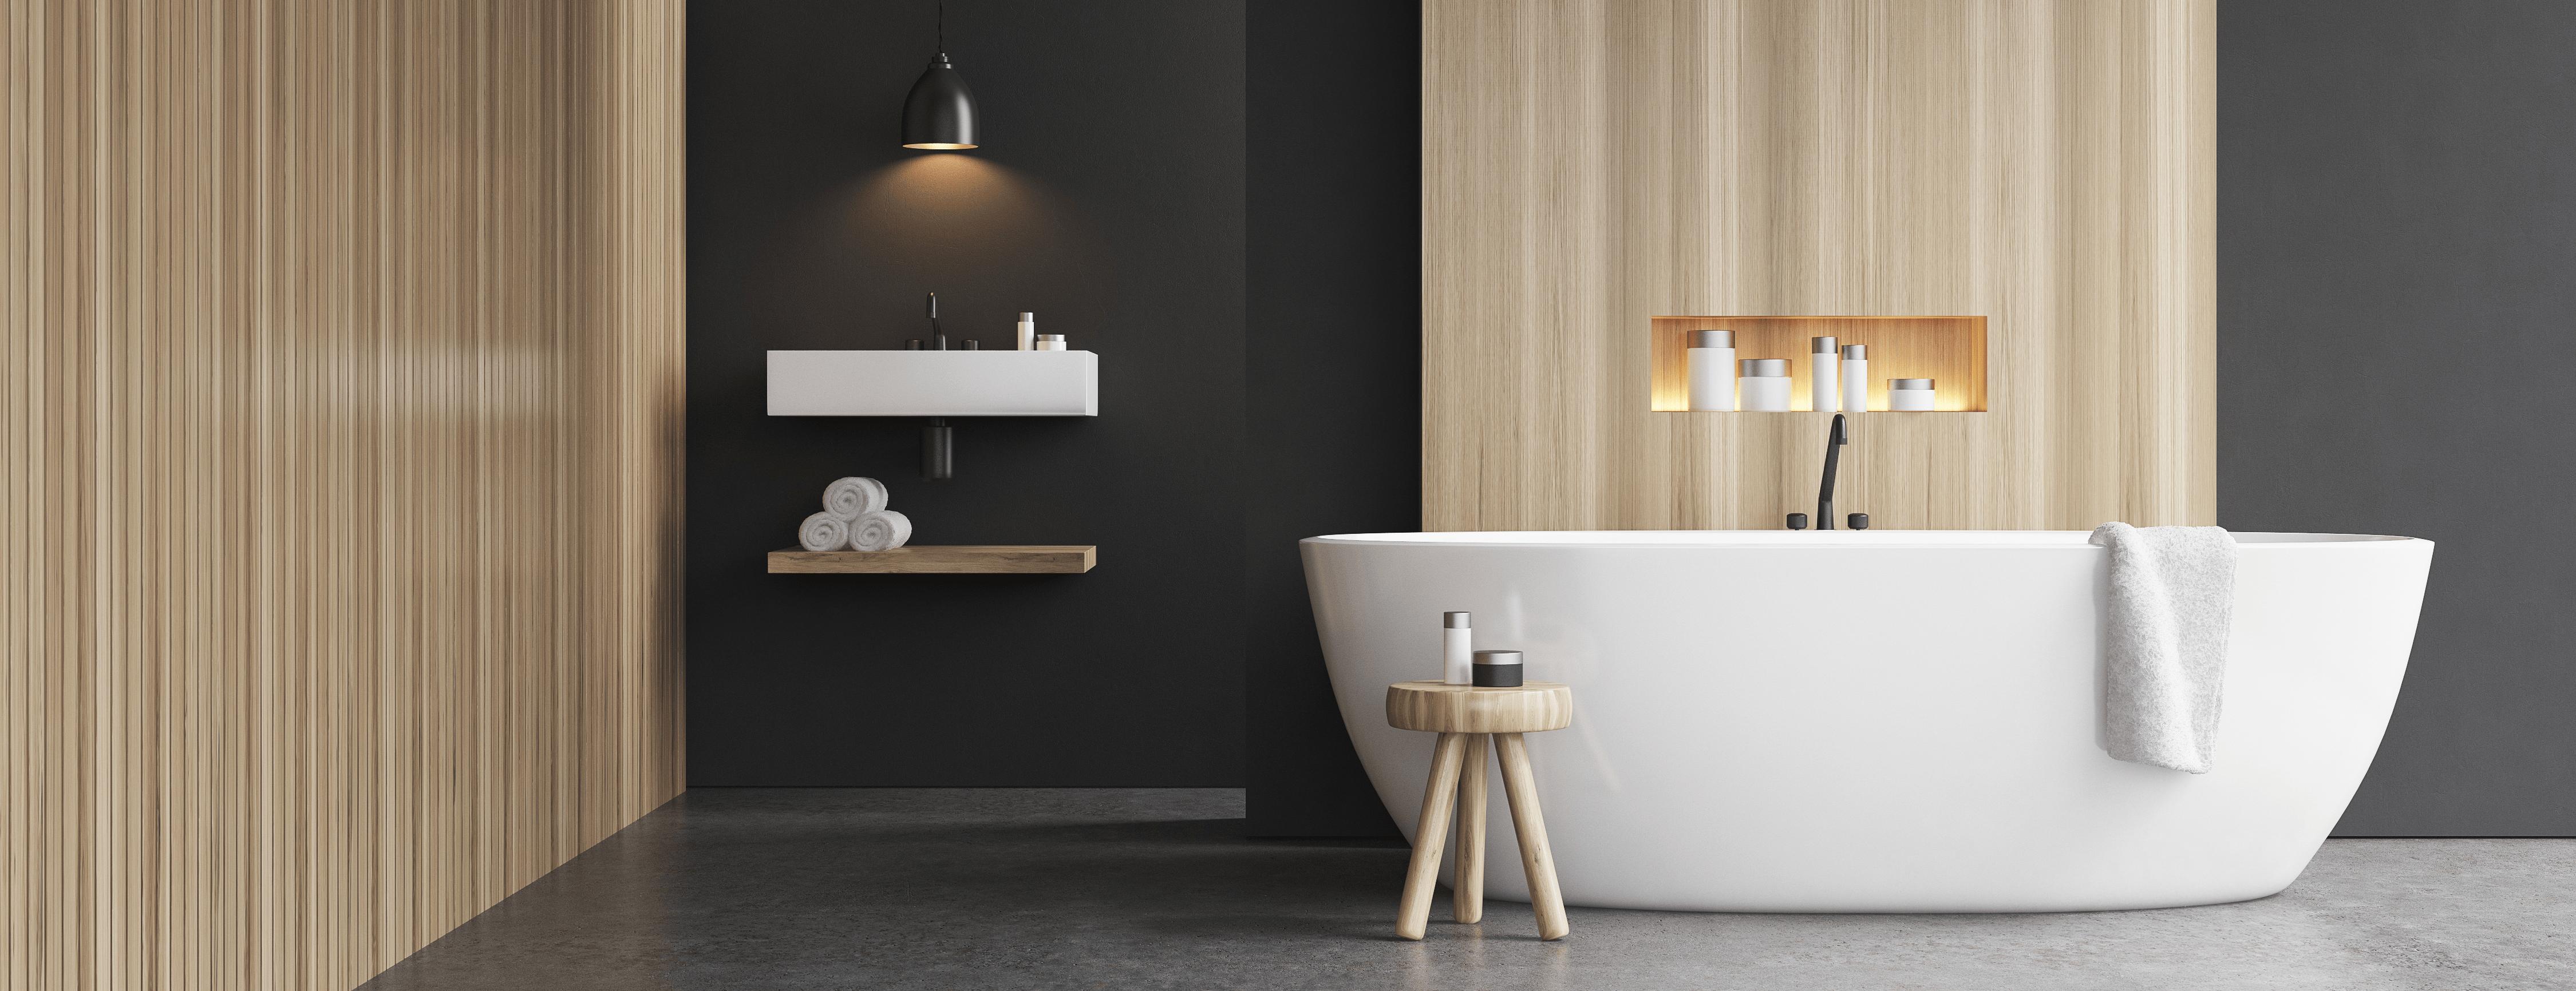 Badkamer ideeën & inspiratie | 70+ ideeën voor je badkamer | Huisa.nl